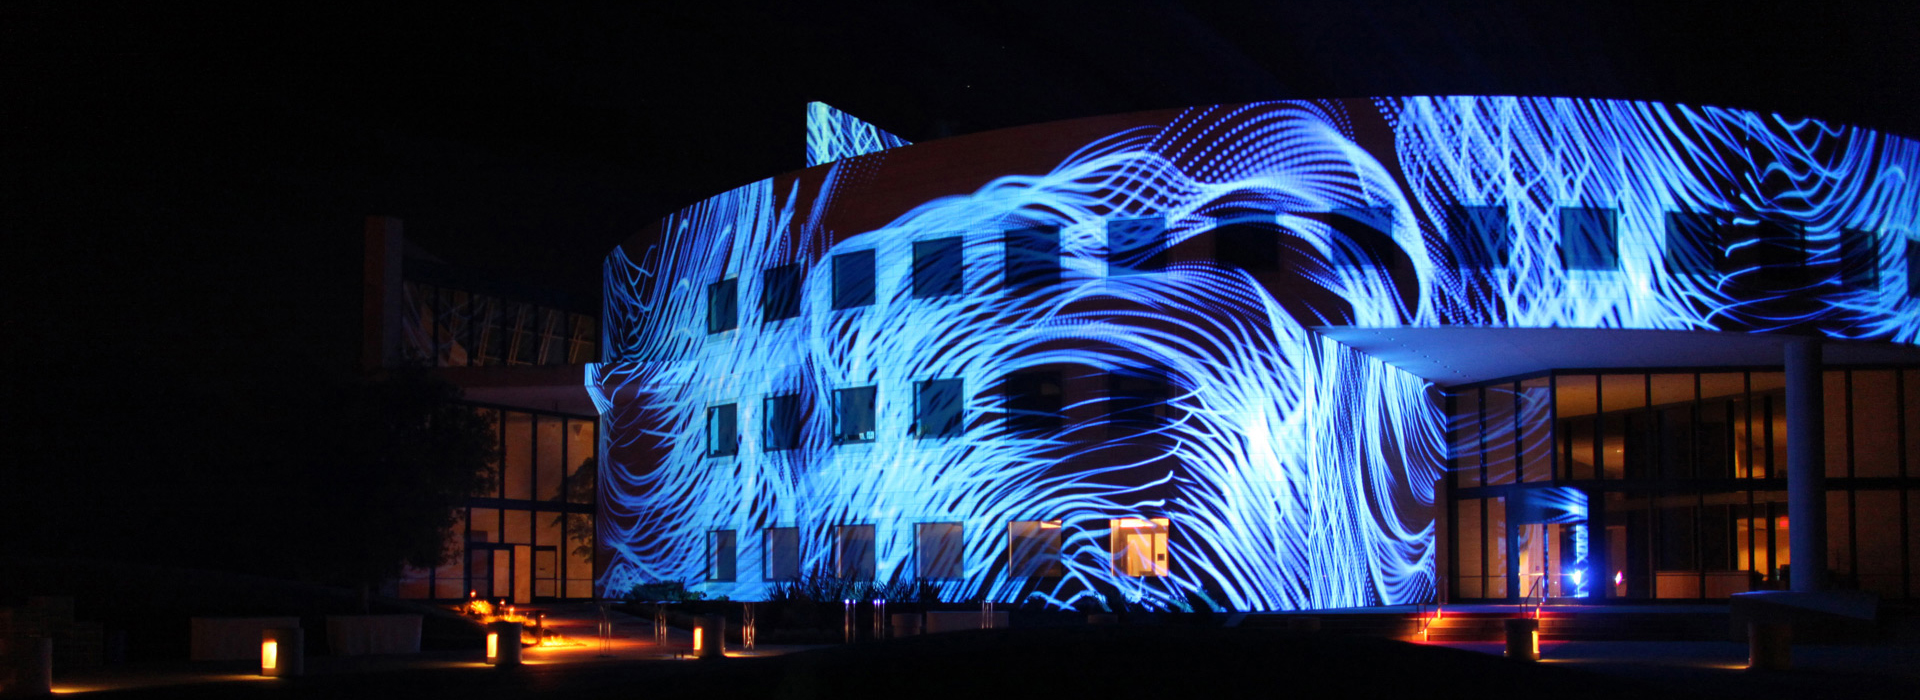 Лазерное шоу на здании